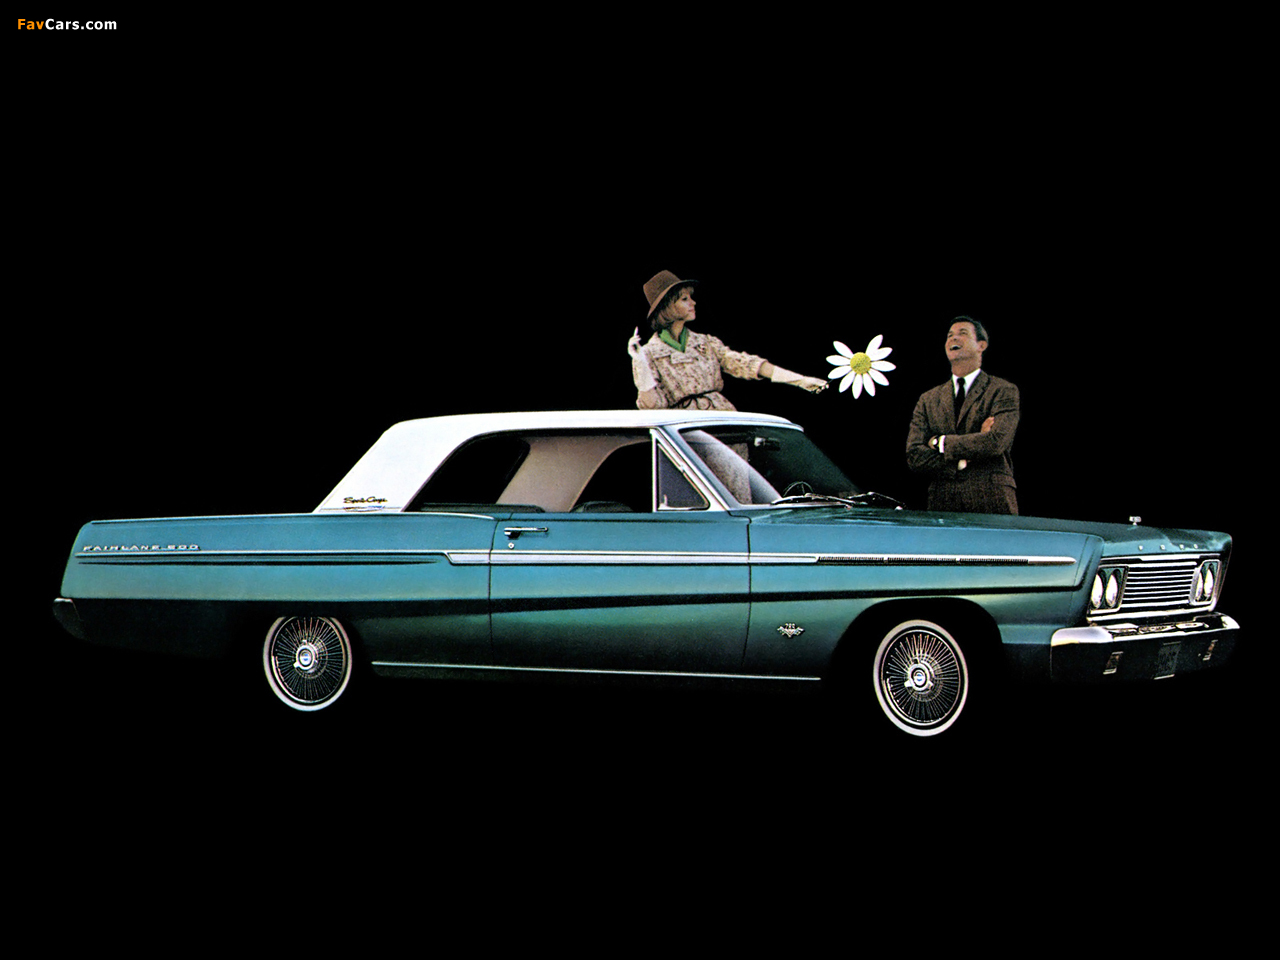 Ford Fairlane 500 2 Door Hardtop 1965 Wallpapers 1280x960